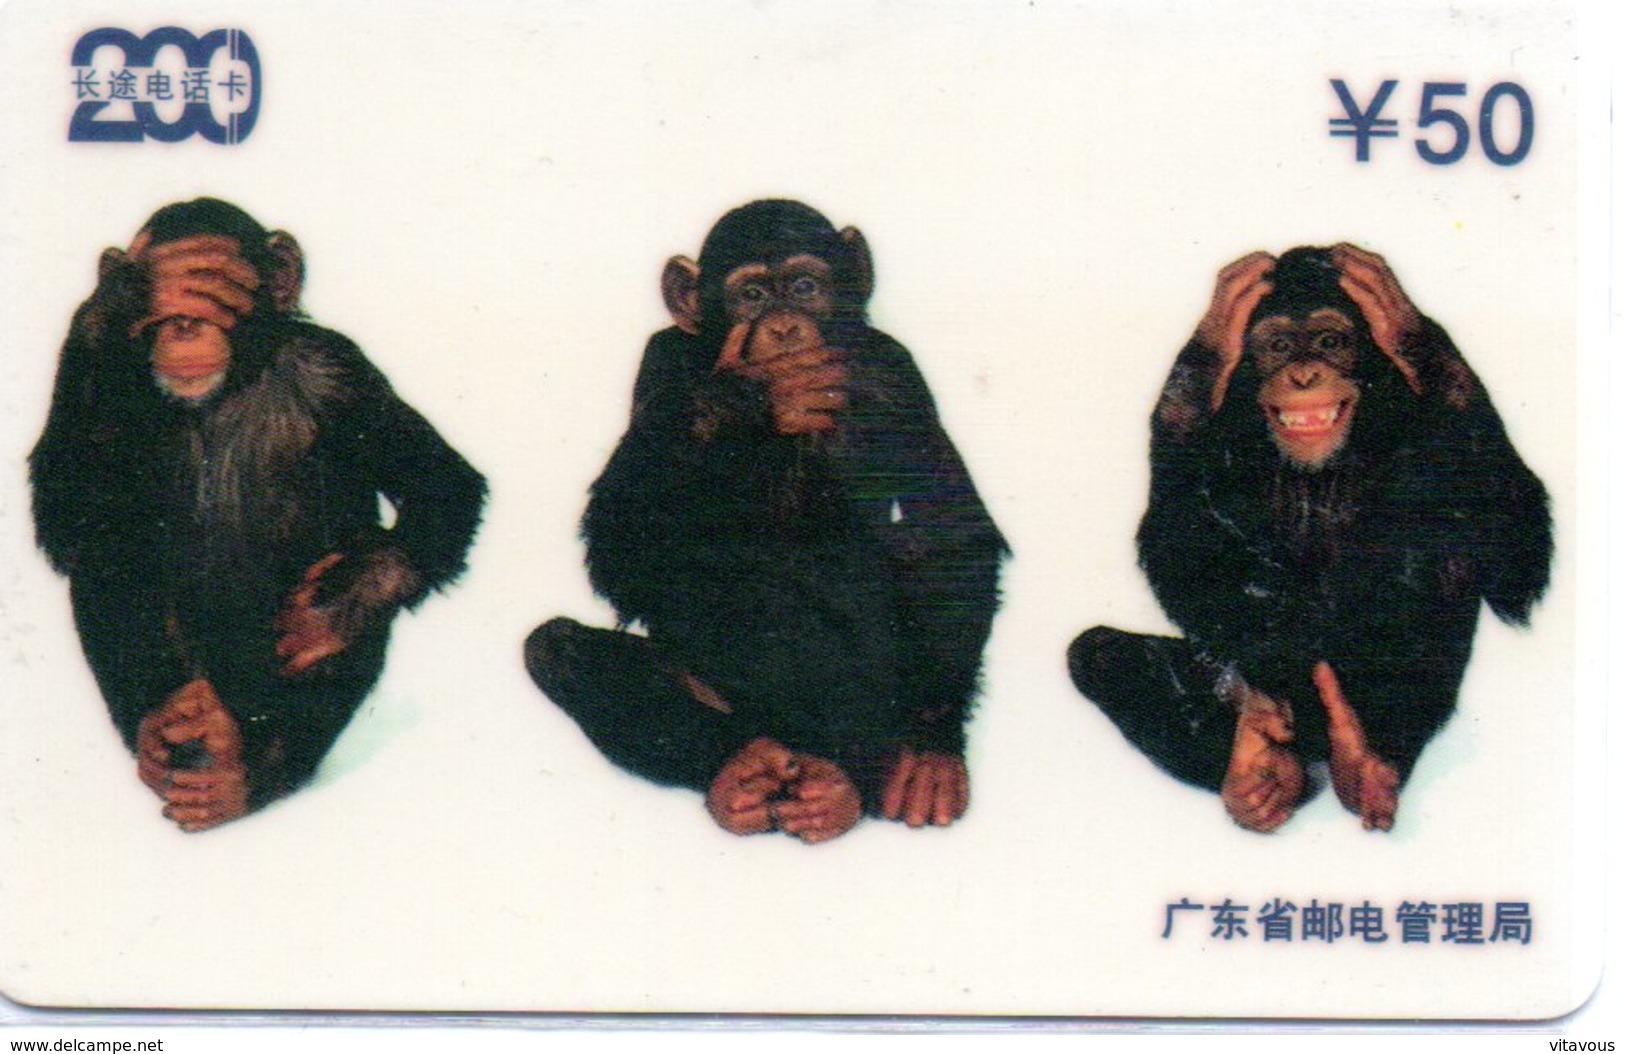 Singe Monkey Télécarte Magnétique Chine Phonecard (D 491) - Chine